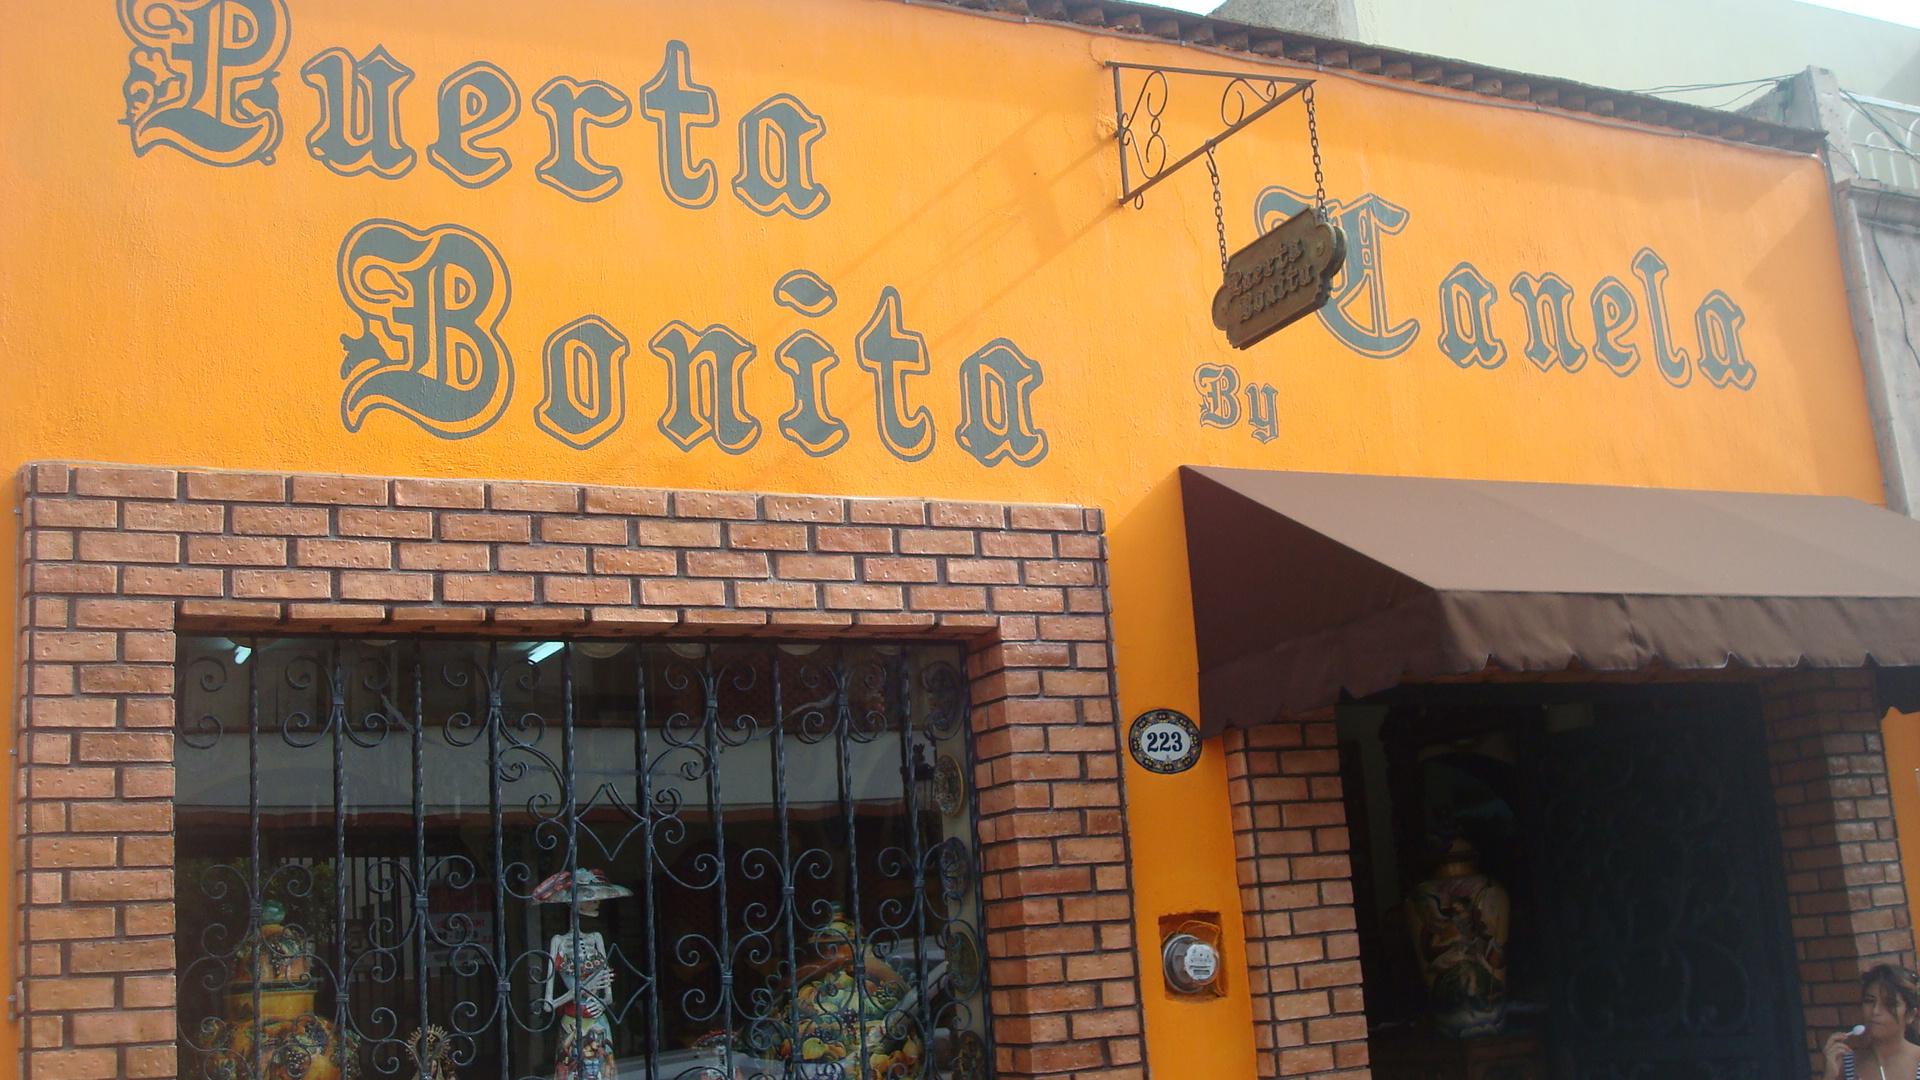 Manualidades en guadalajara infoisinfo - Puerta bonita espana ...